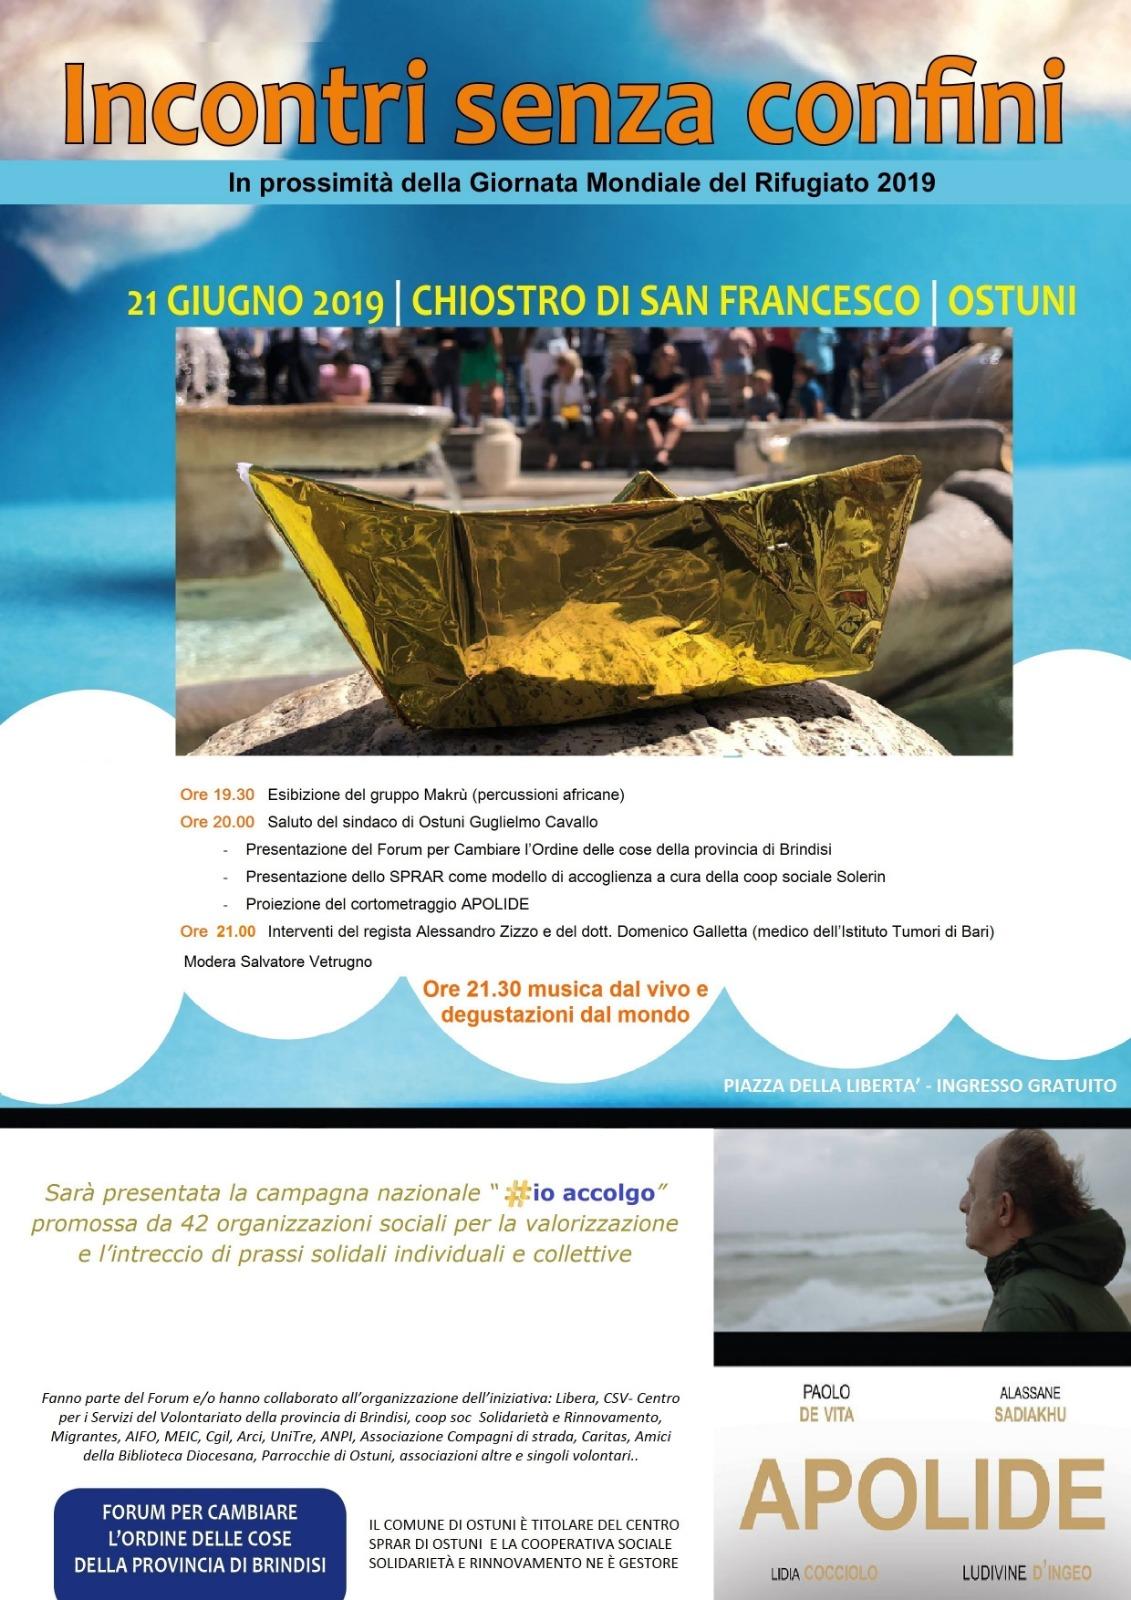 Il sito di annunci di incontri per tutti i gusti a Campania.